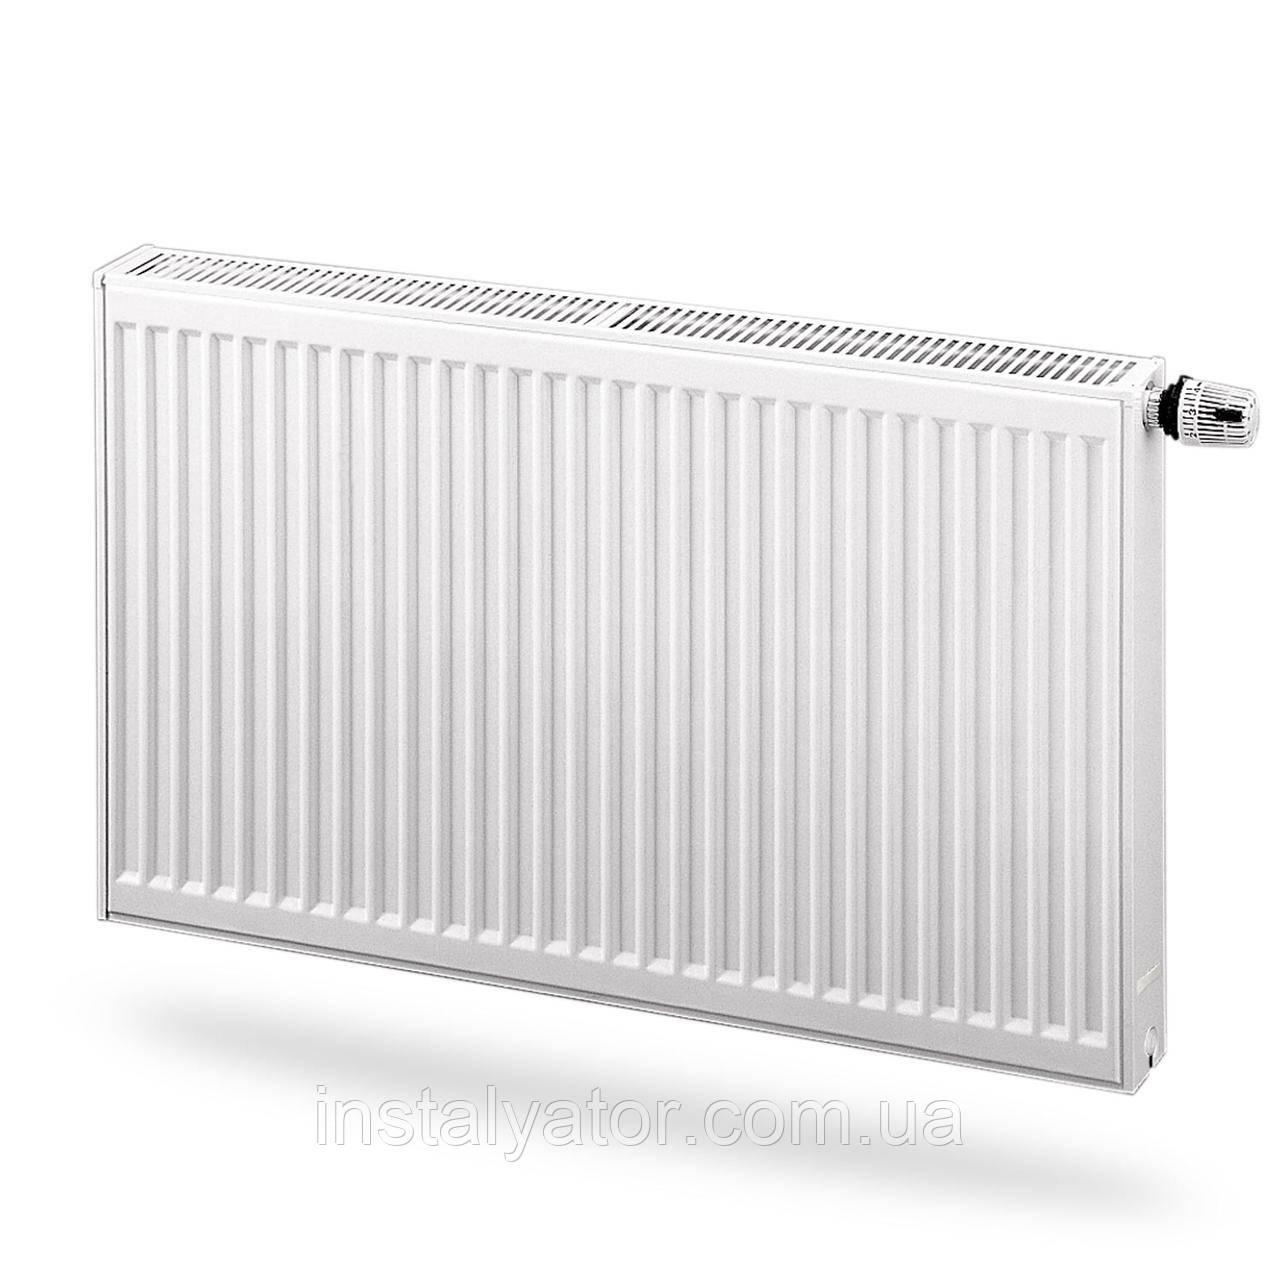 Радиатор стальной, панельный с нижним подключением PURMO Ventil Compact 22